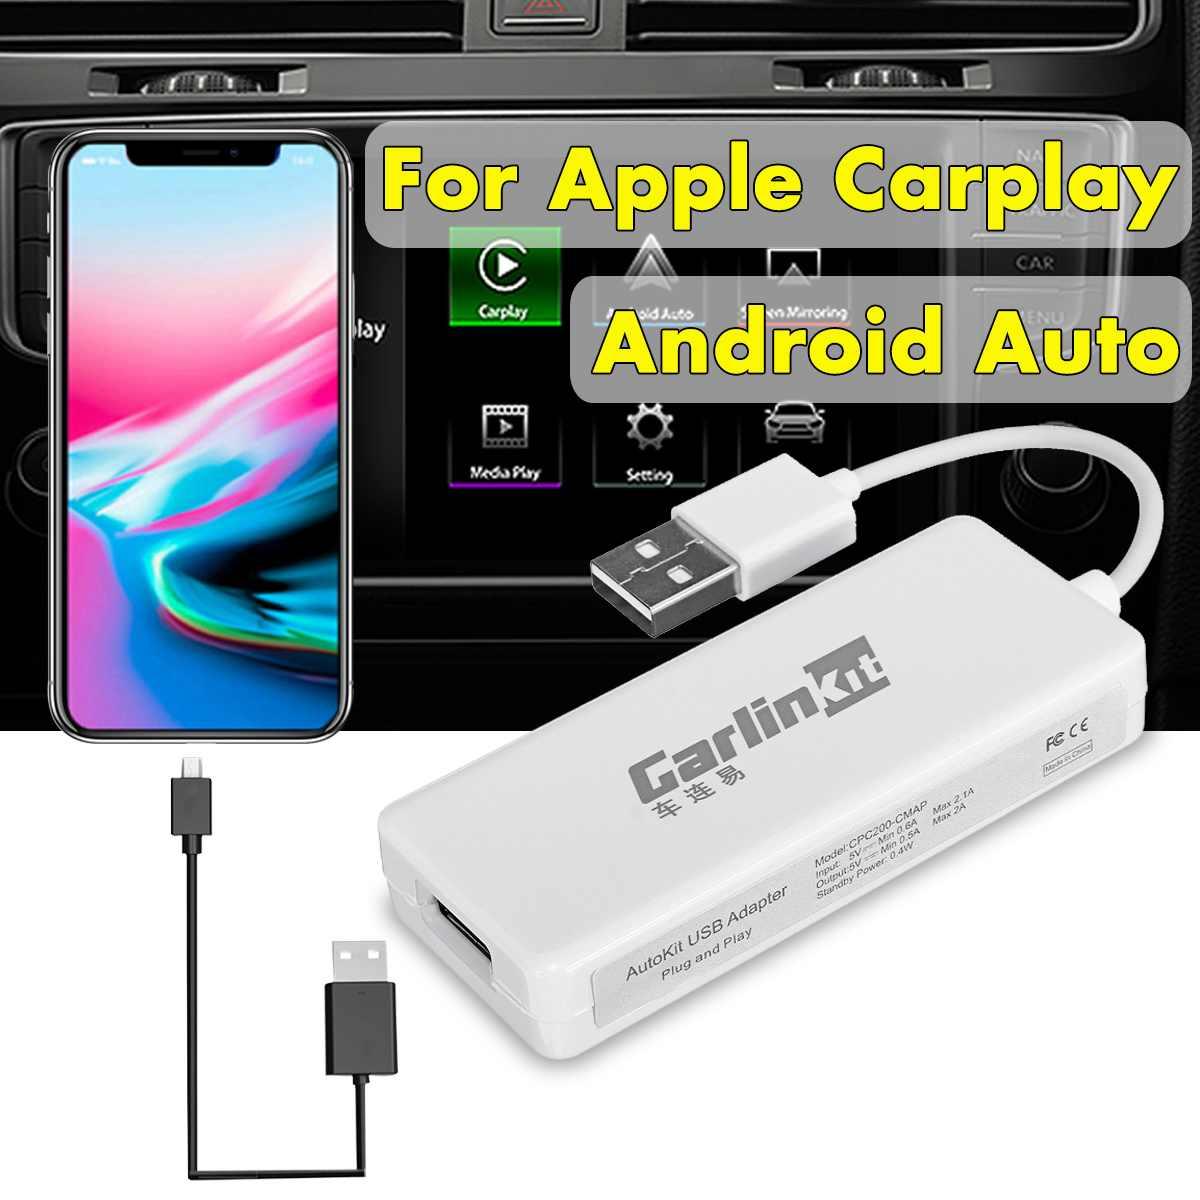 Carlinkit Smart voiture lien Dongle pour Android voiture Navigation pour Apple USB Carplay Module Auto téléphone USB Carplay adaptateur blanc